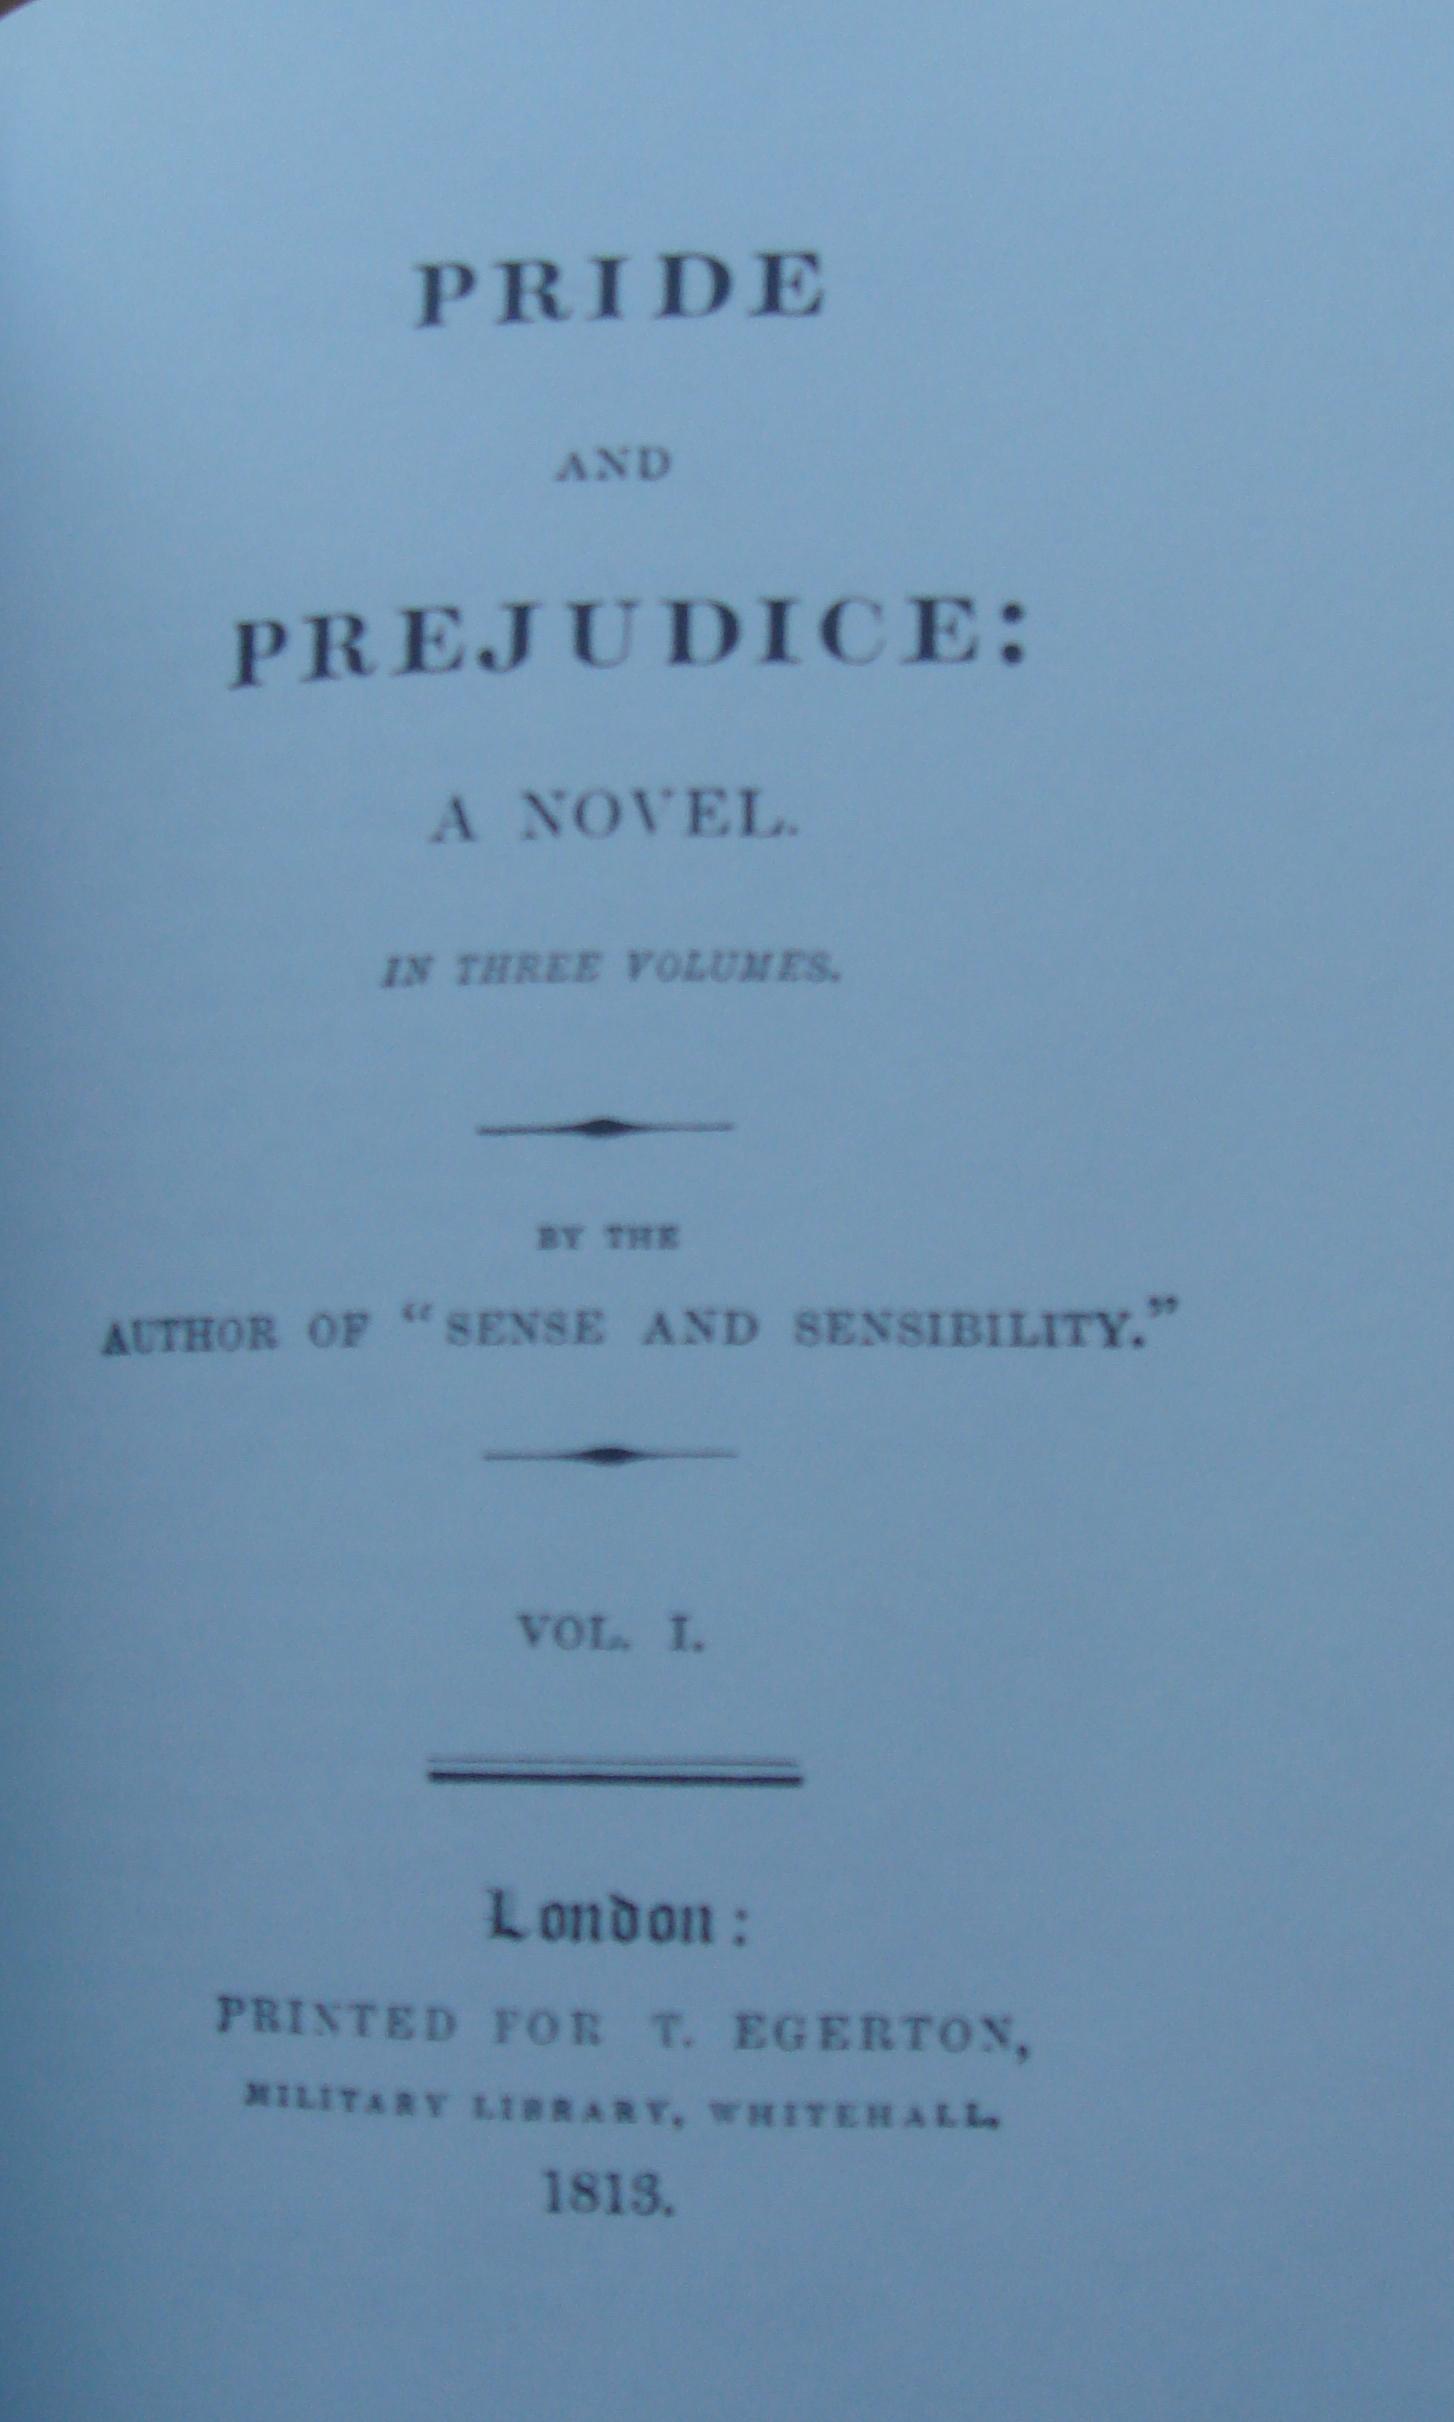 file pride and prejudice jpg file pride and prejudice jpg